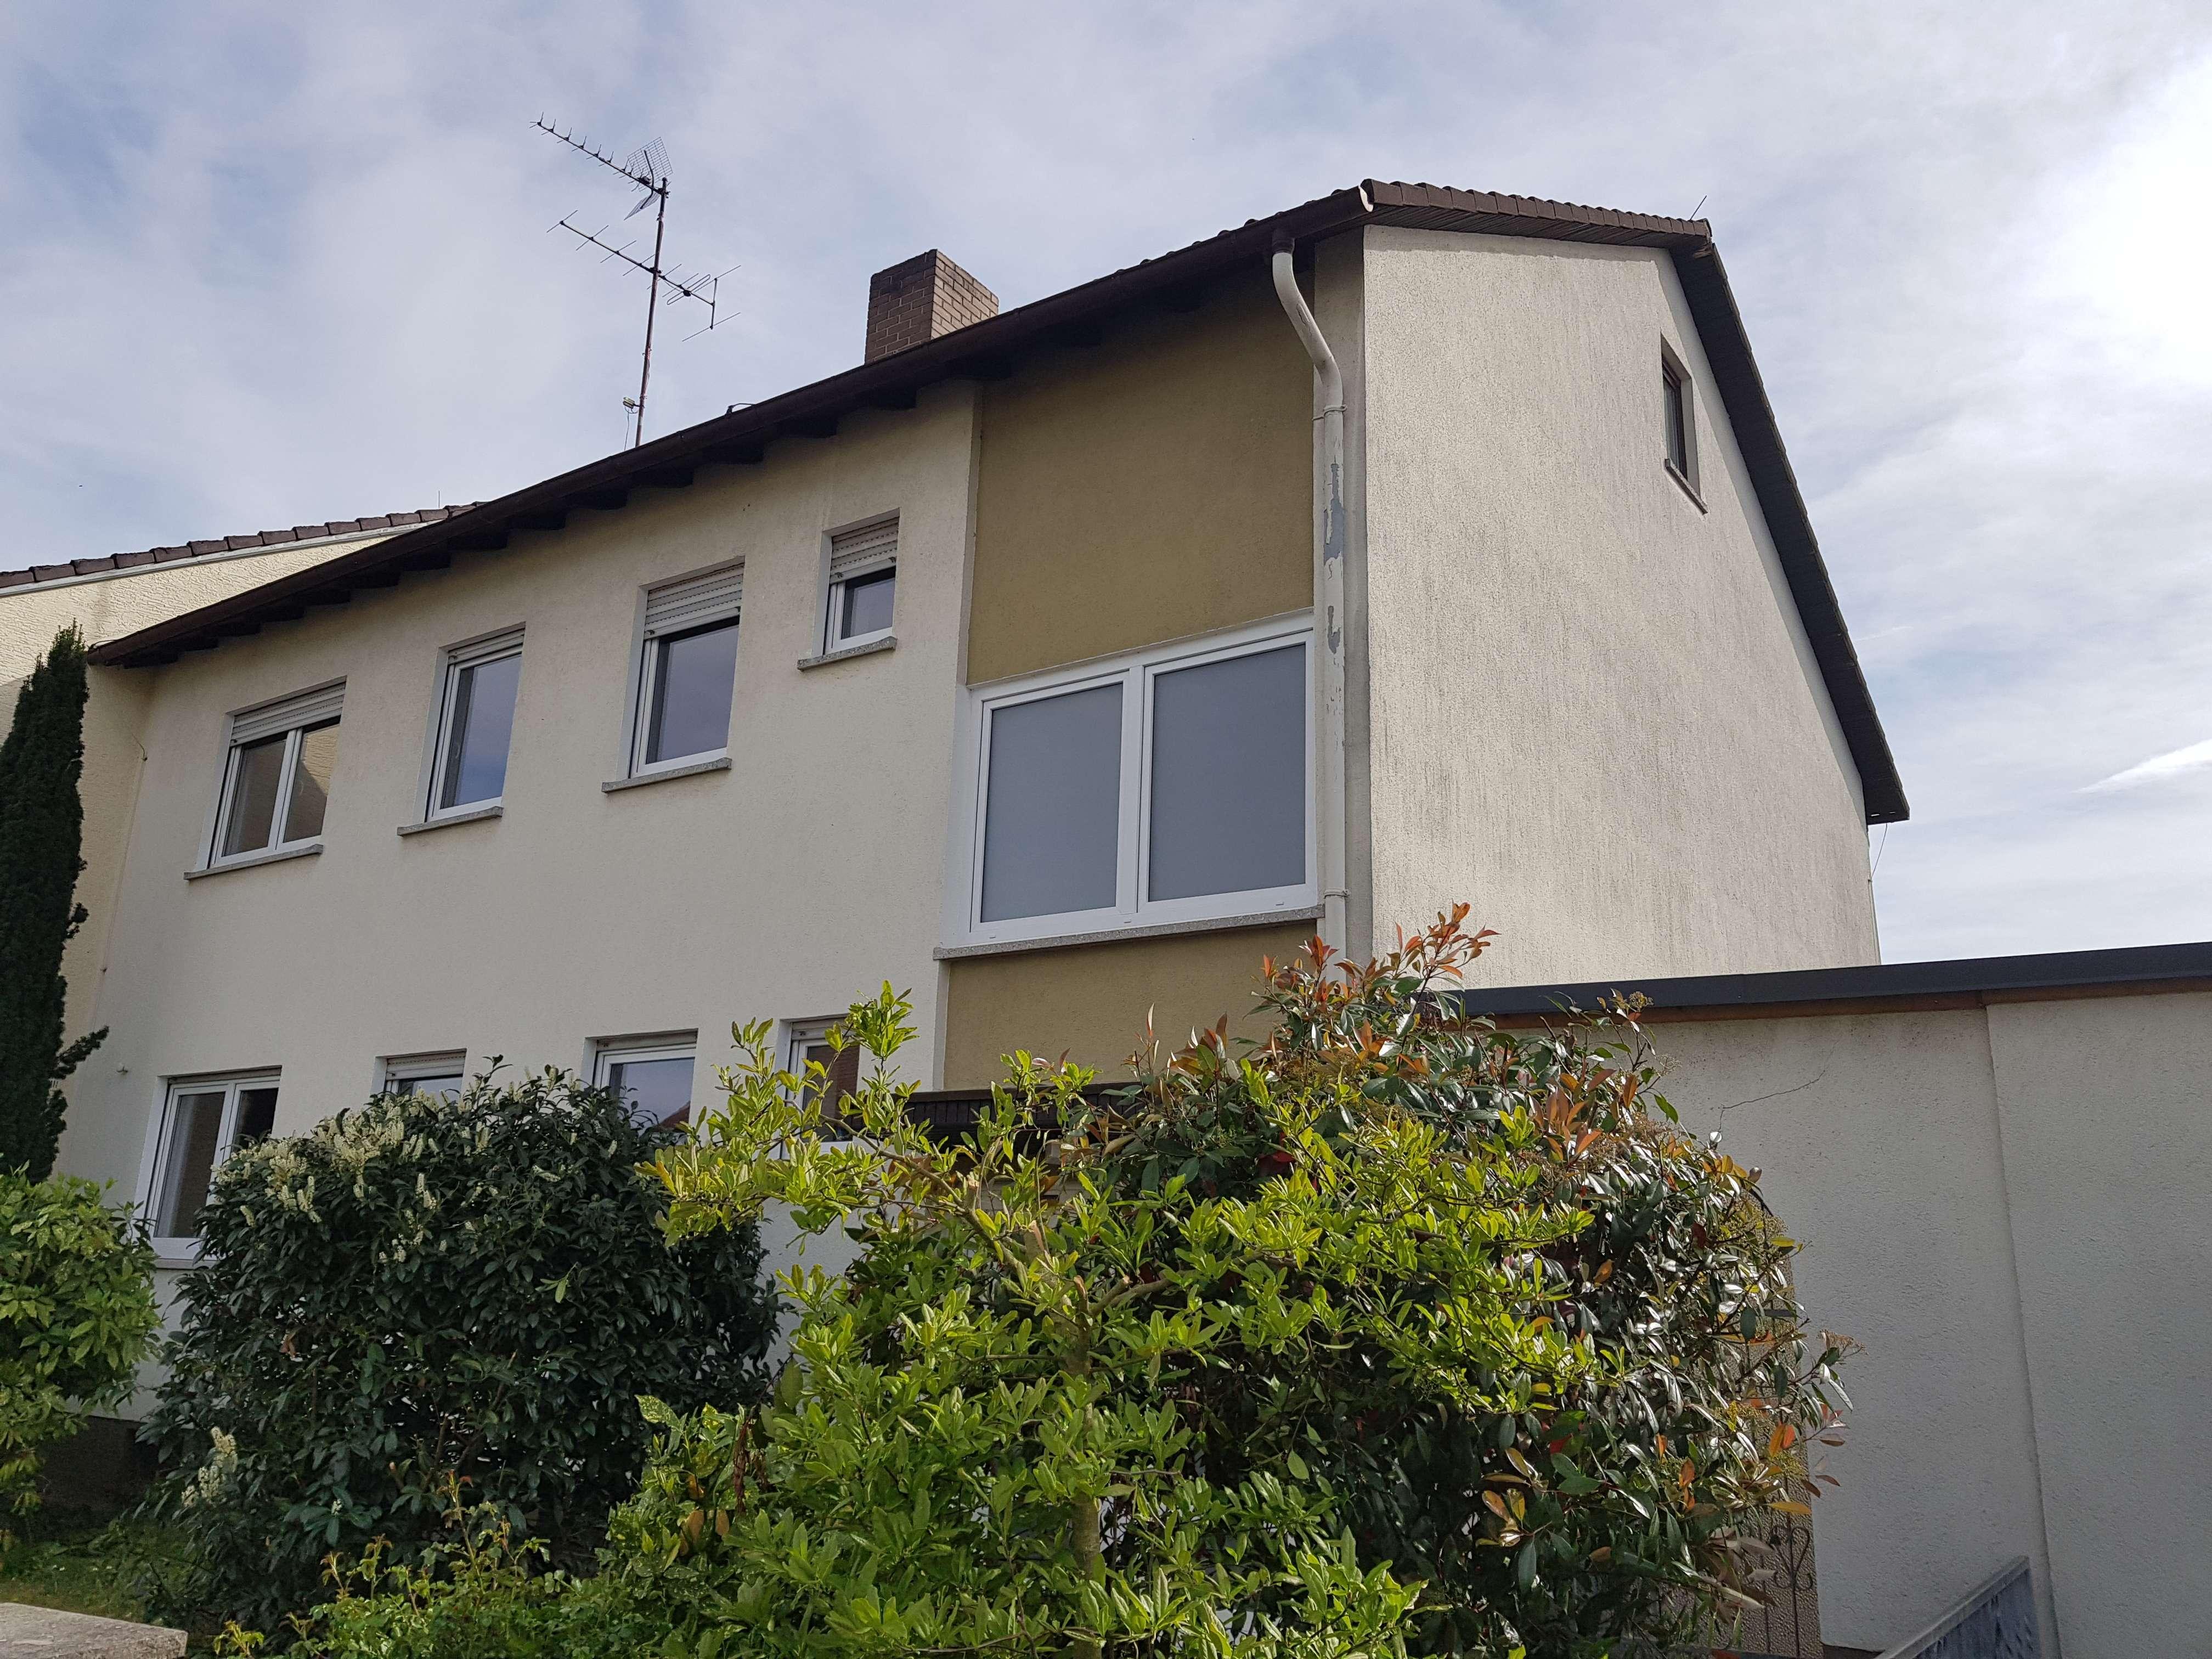 4-Zimmer-Obergeschoßwohnung in Großostheim